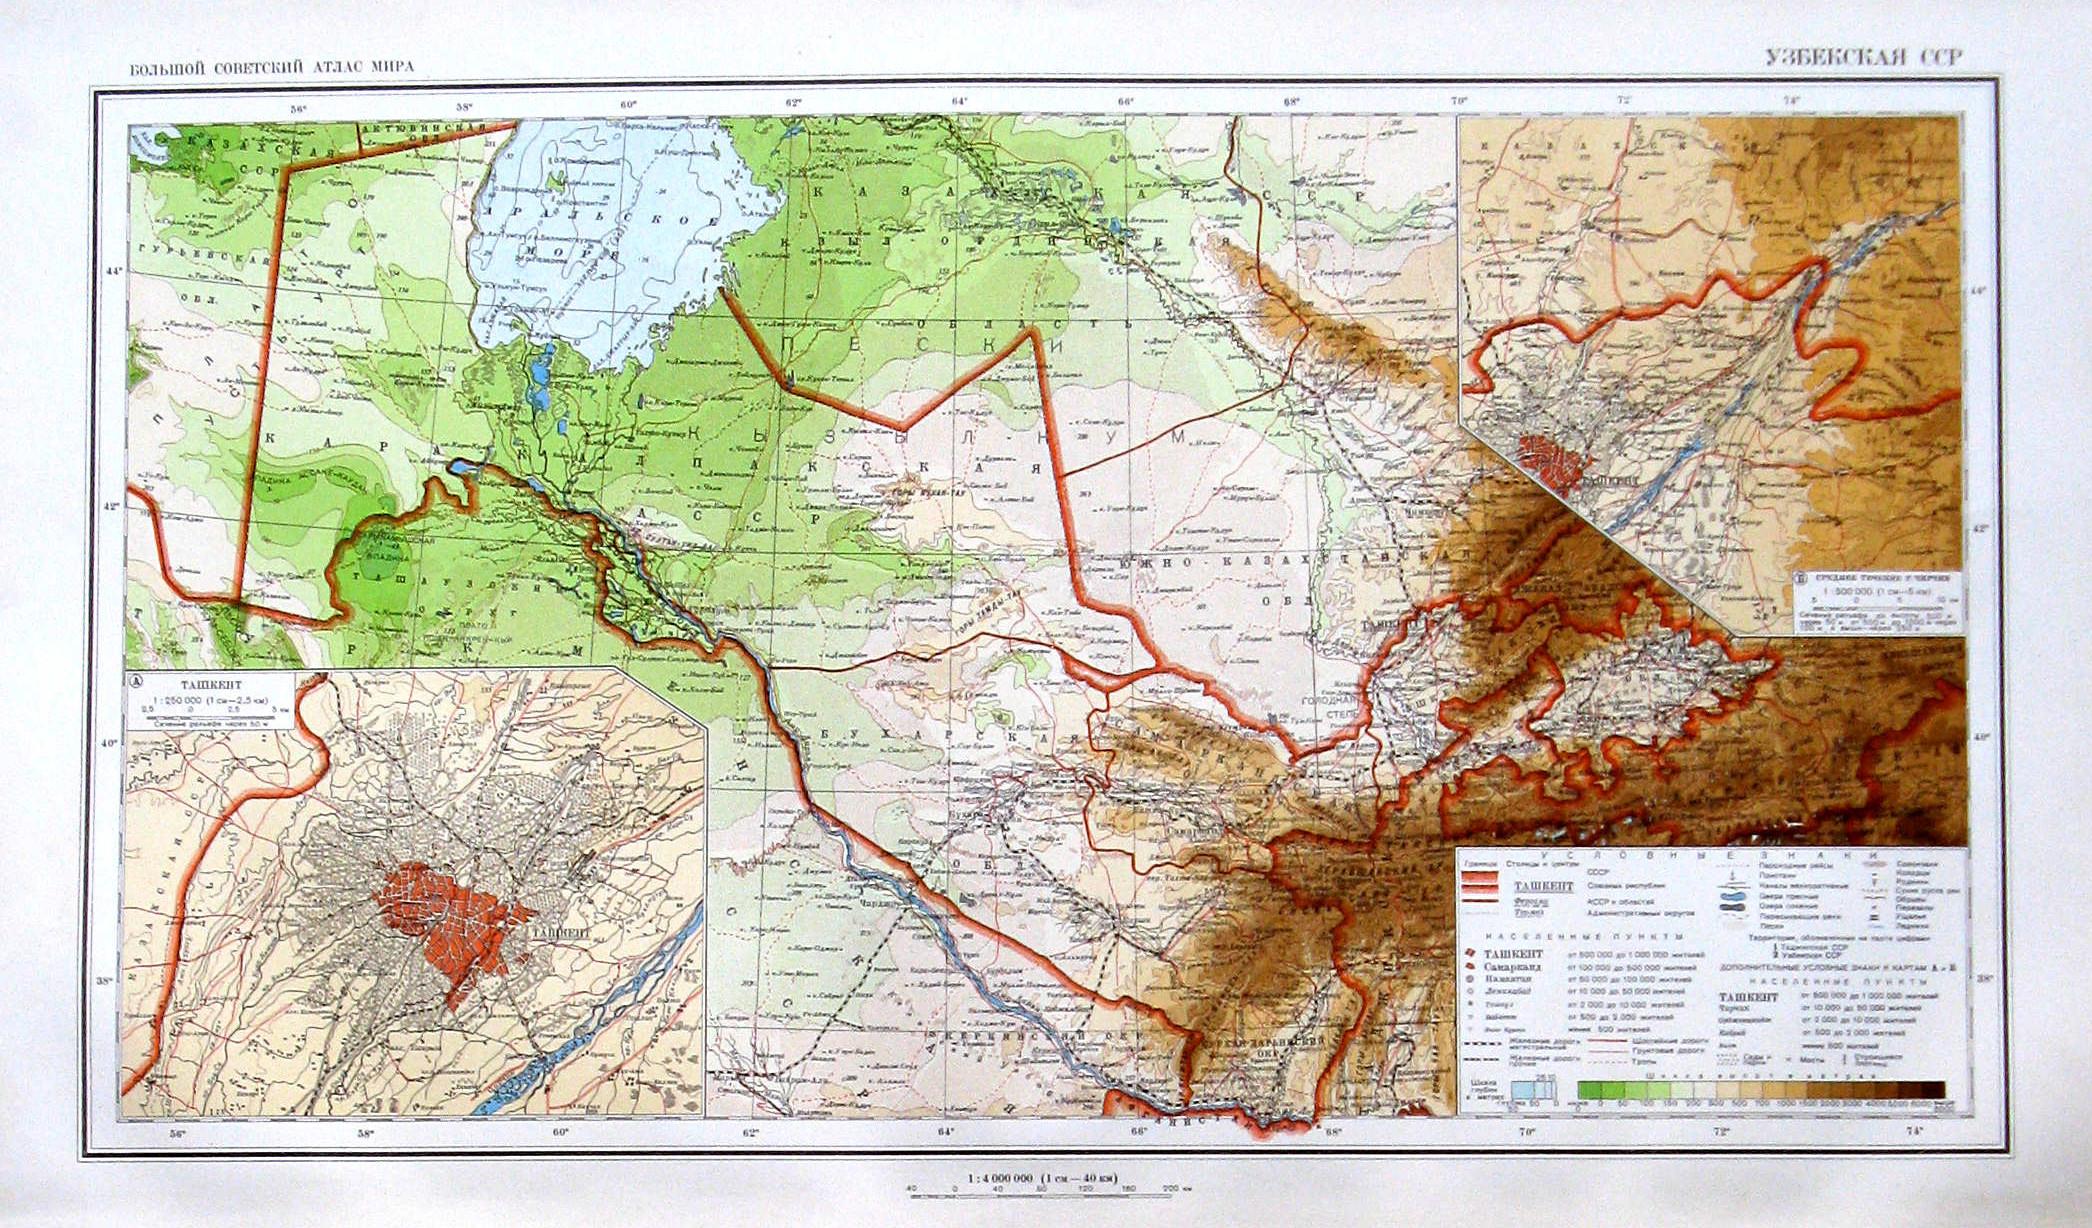 Karty Na Russkom Yazyke Stranica 22 Istoricheskie Karty Evropy